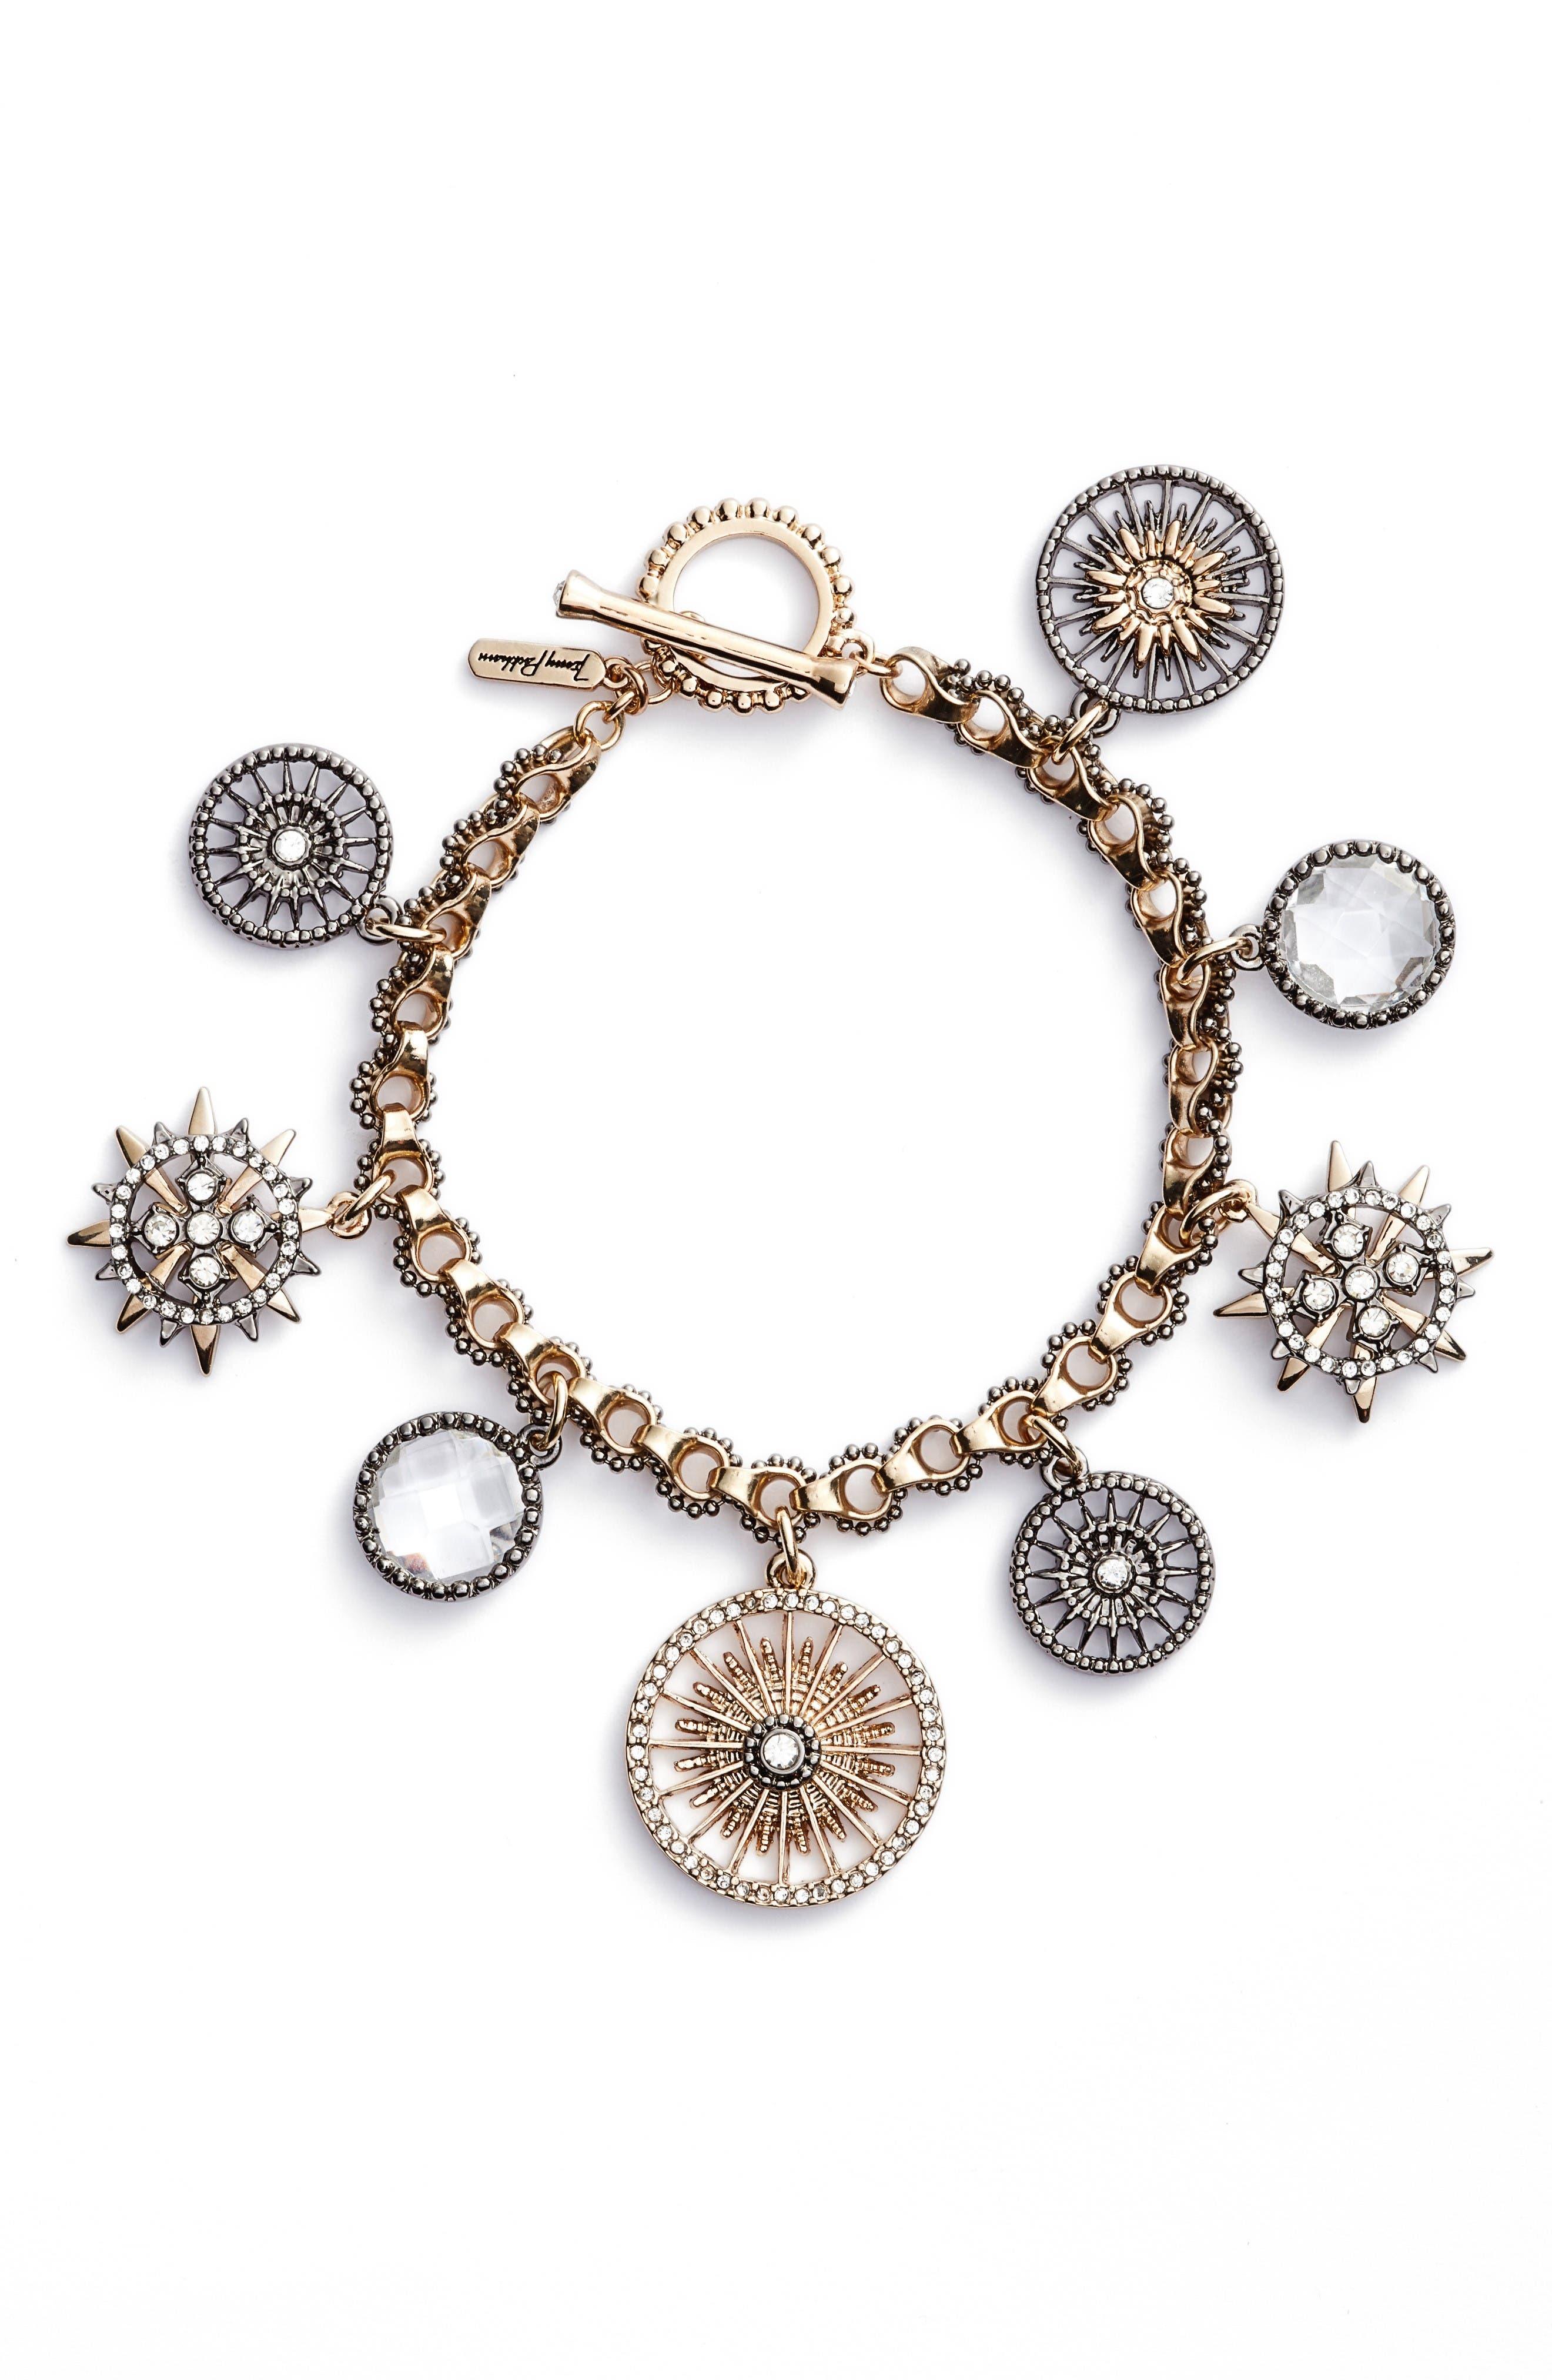 Main Image - Jenny Packham Charm Bracelet